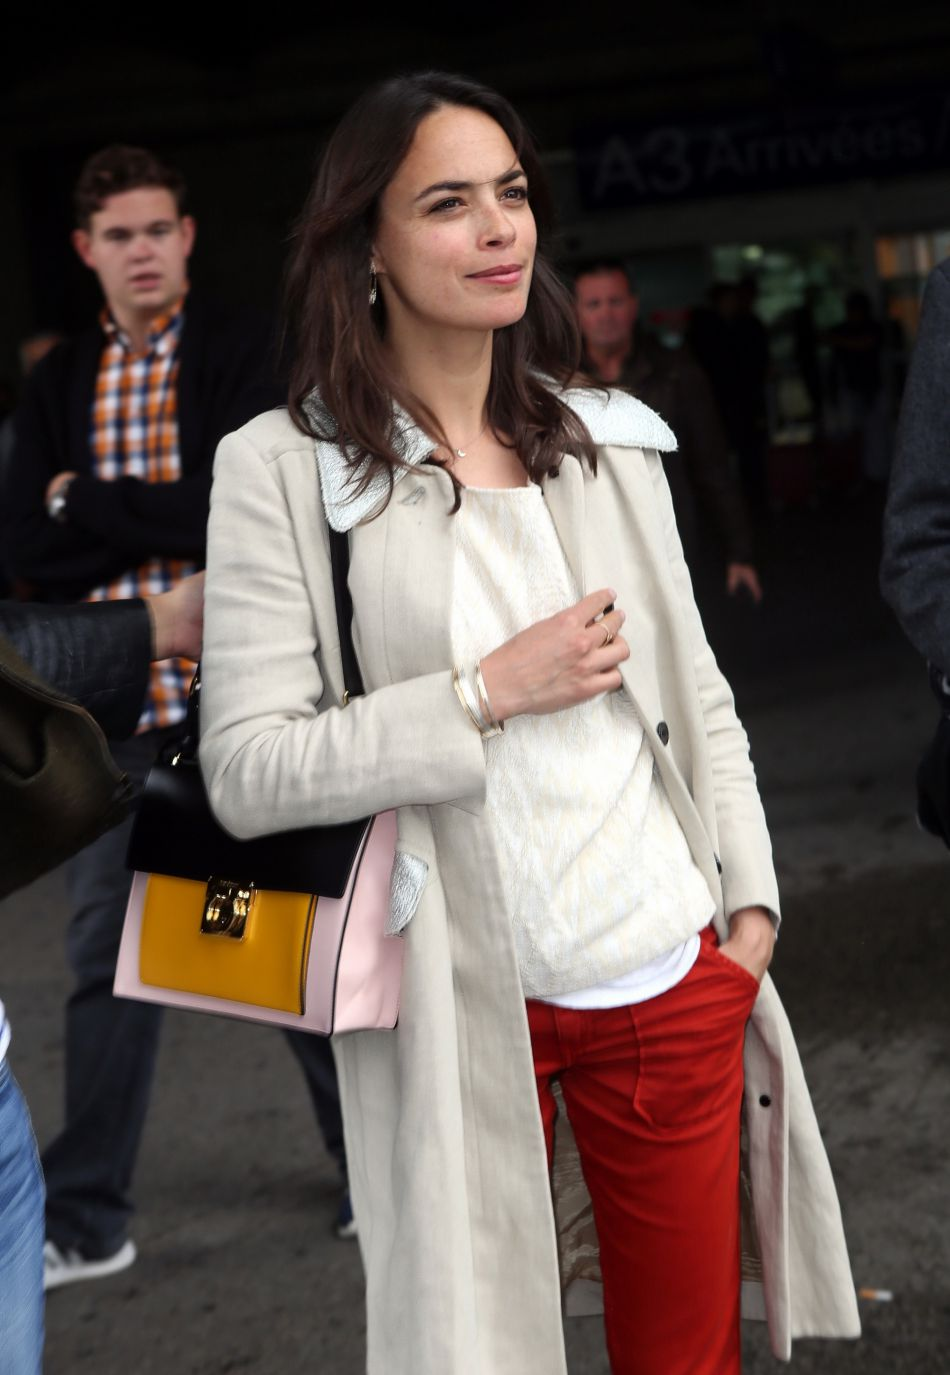 Bérénice Bejo évolue dans des tenues toujours plus audacieuses sur les tapis rouges.